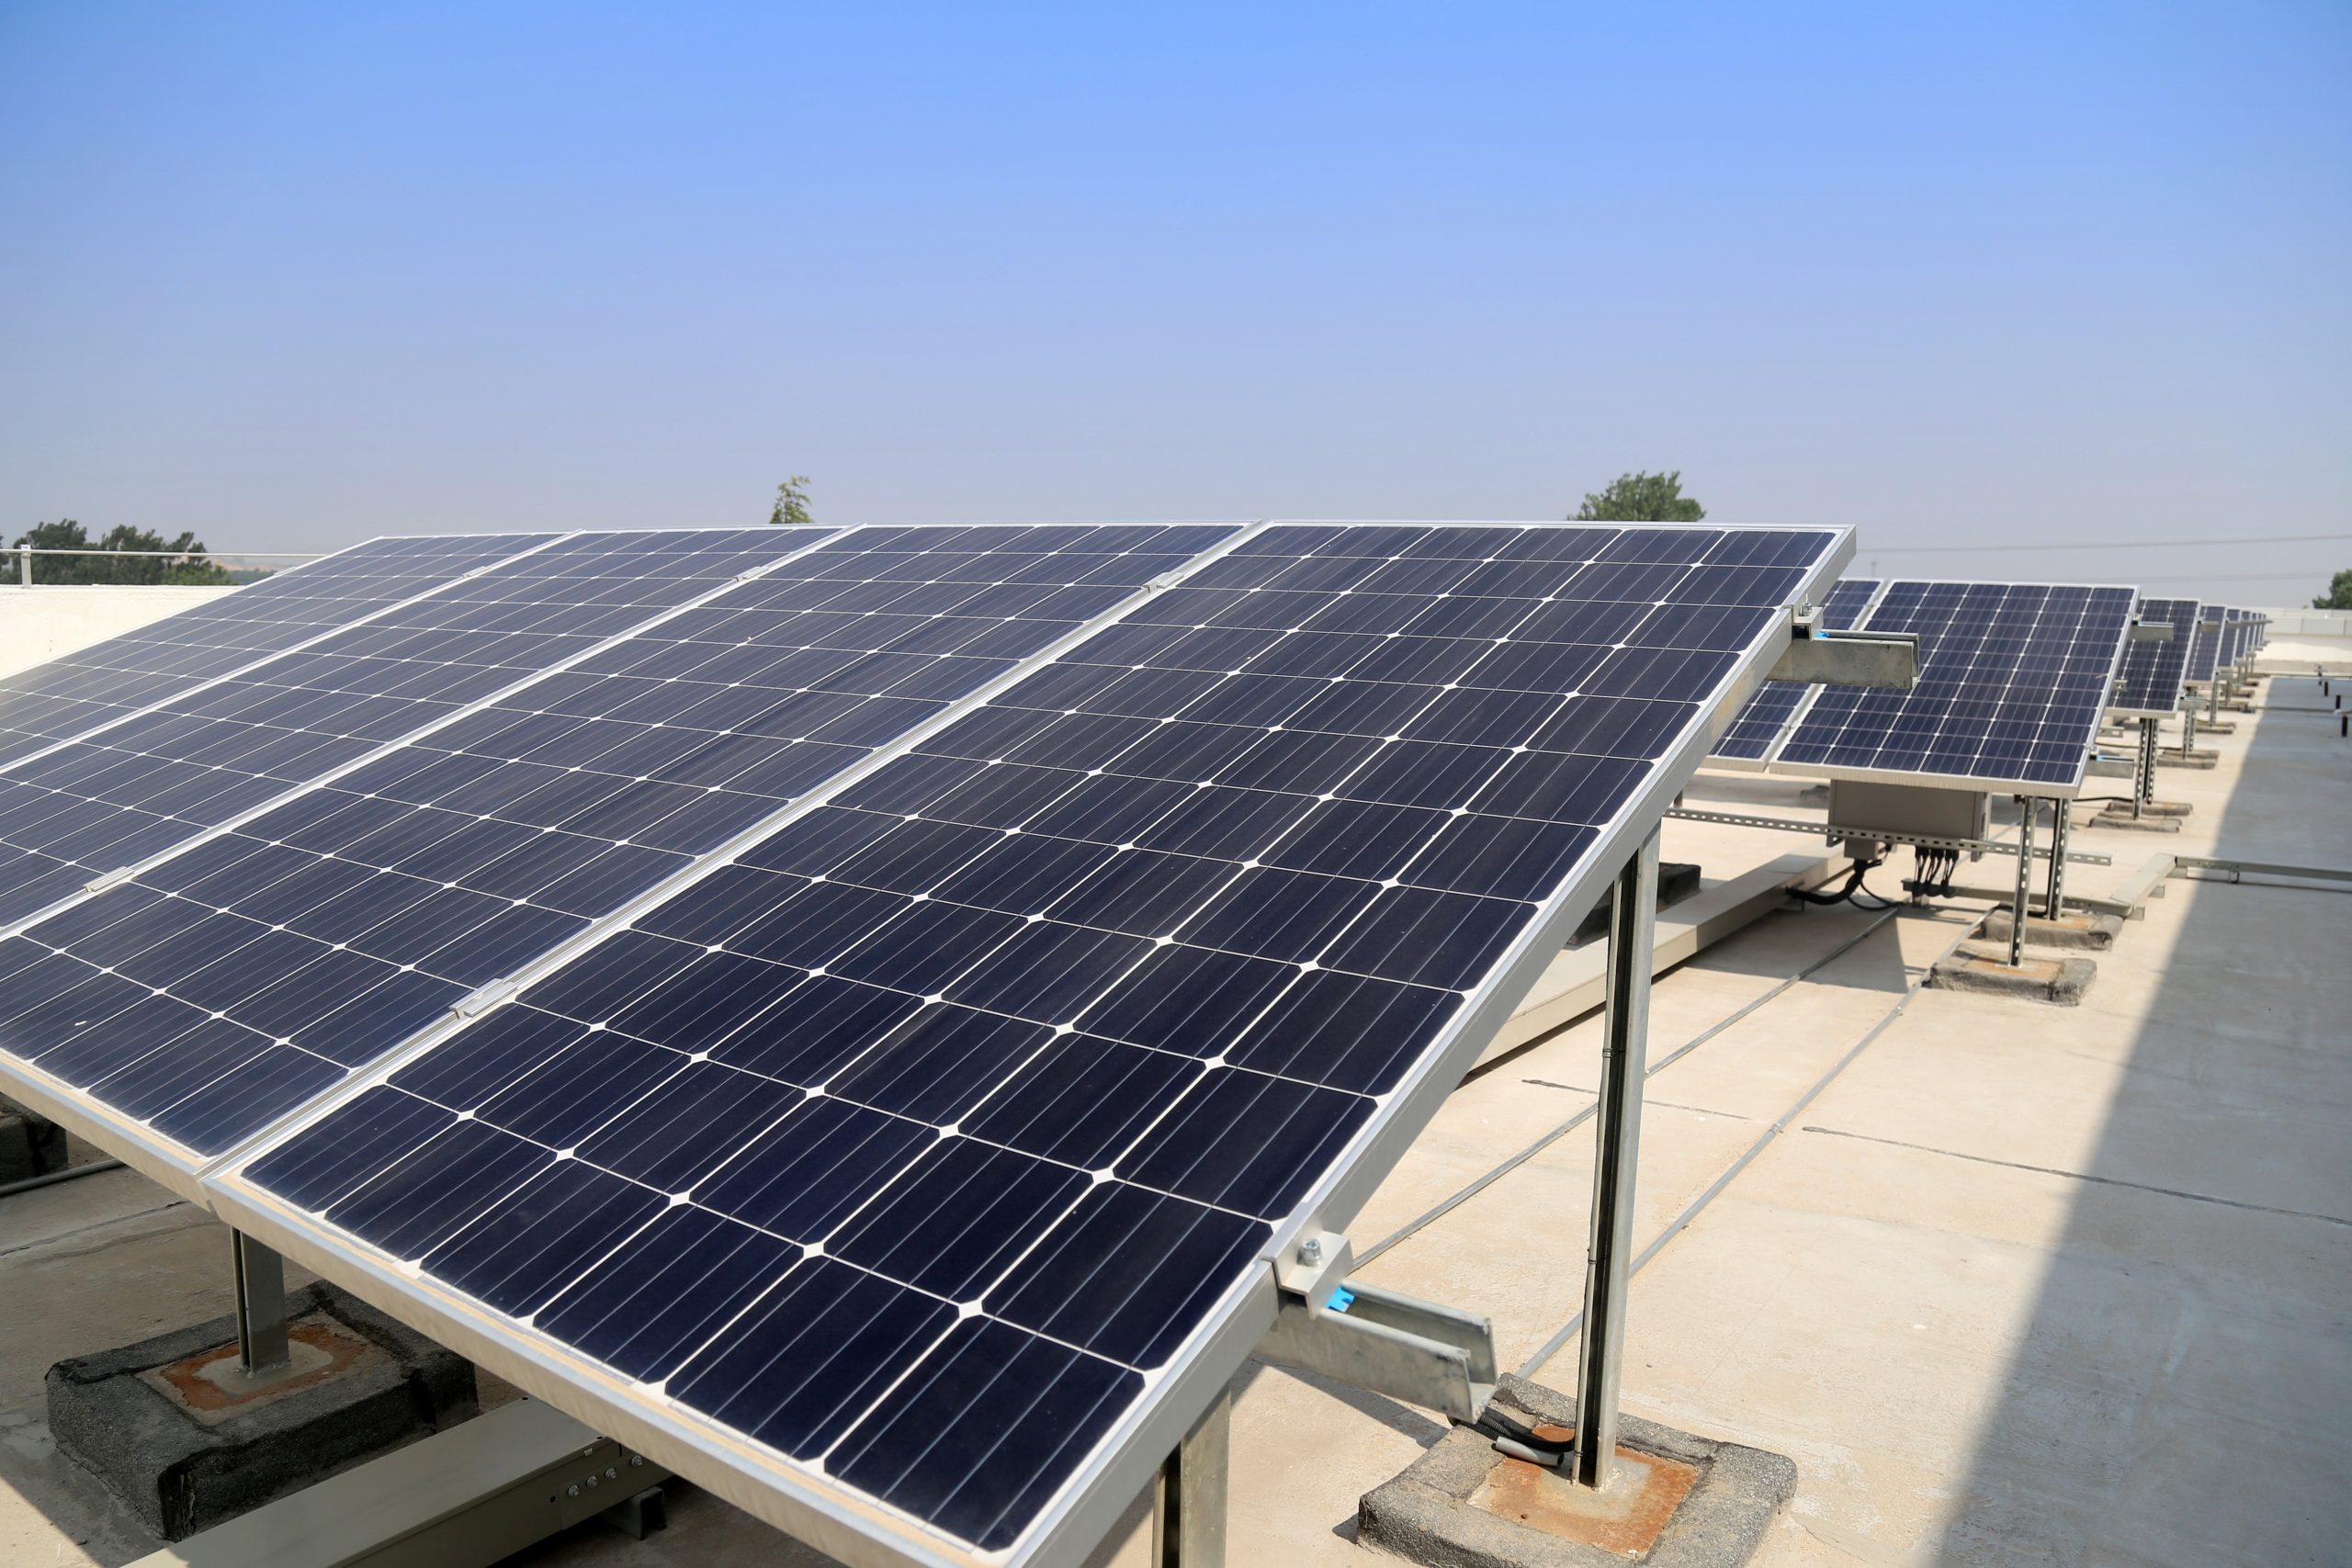 Estos son los motivos para instalar autoconsumo fotovoltaico ¡No te los pierdas! - Villa Flores Martín